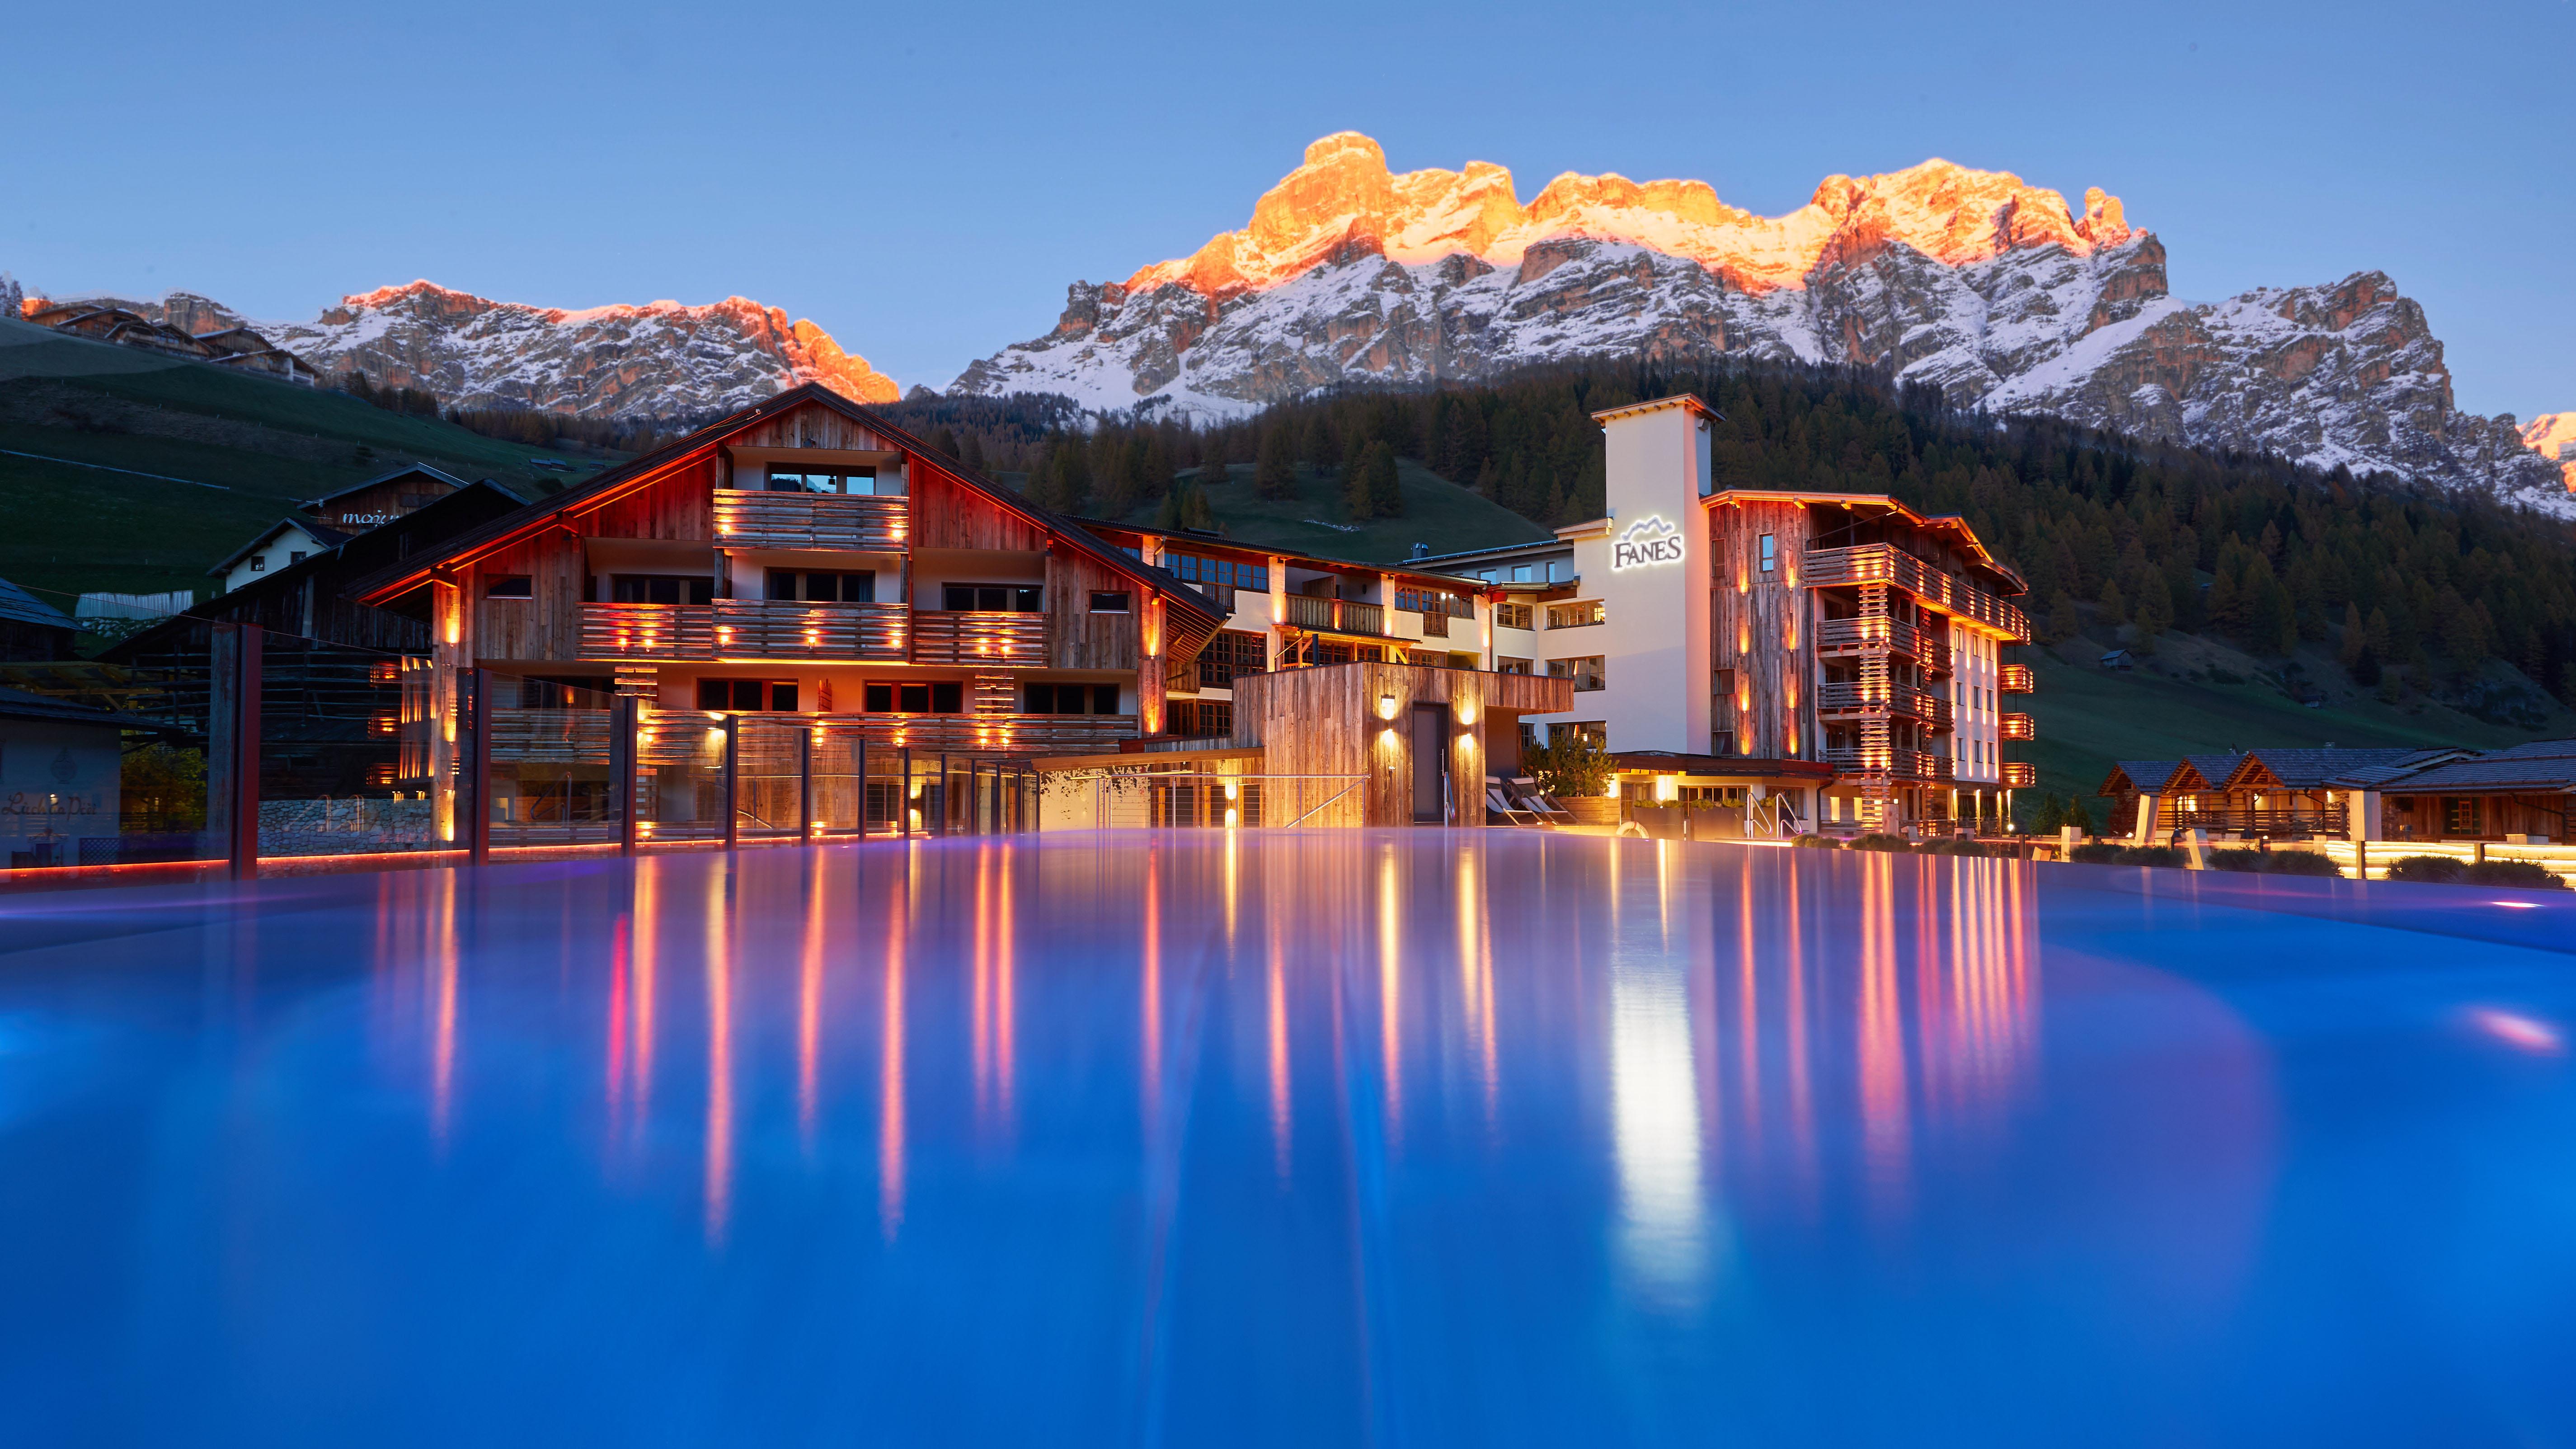 Nuovo look per il Dolomiti Wellness Hotel Fanes. Tante le novità